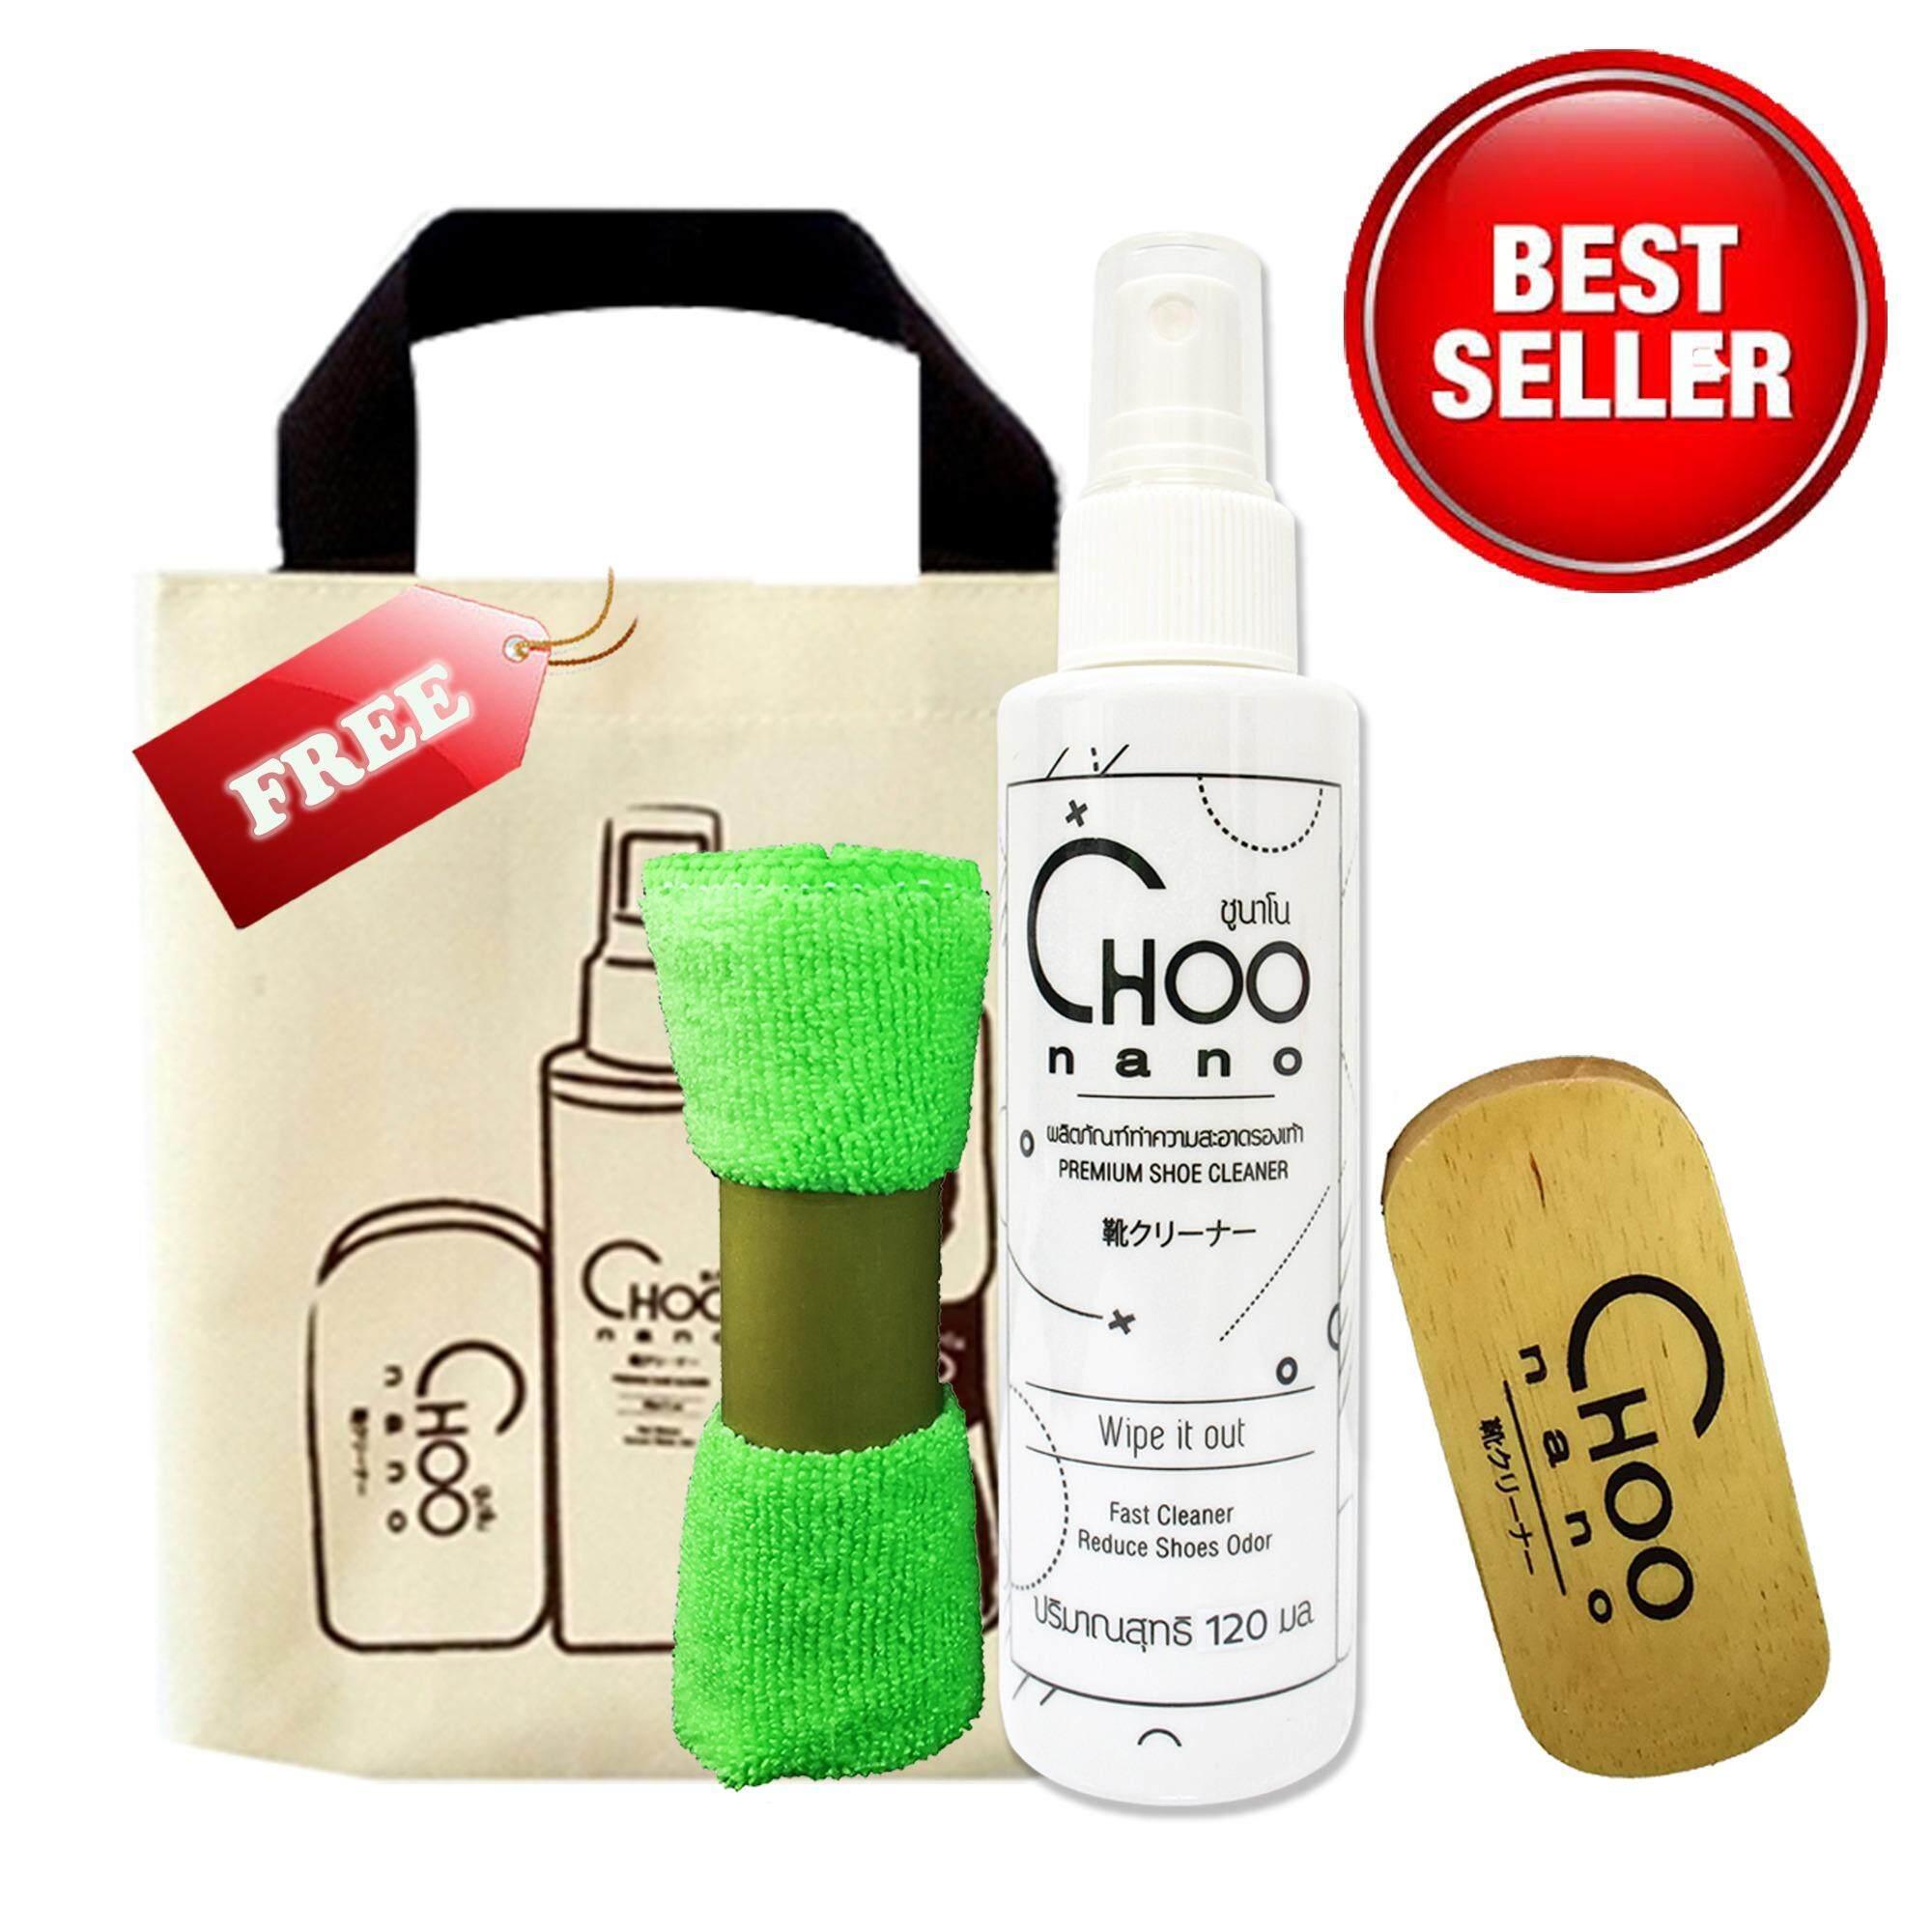 ซื้อ Choonano น้ำยาทำความสะอาดรองเท้า น้ำยาซักรองเท้า มีอย 120 Ml Free ถุงผ้า Super Save Shoe Cleaner ใหม่ล่าสุด